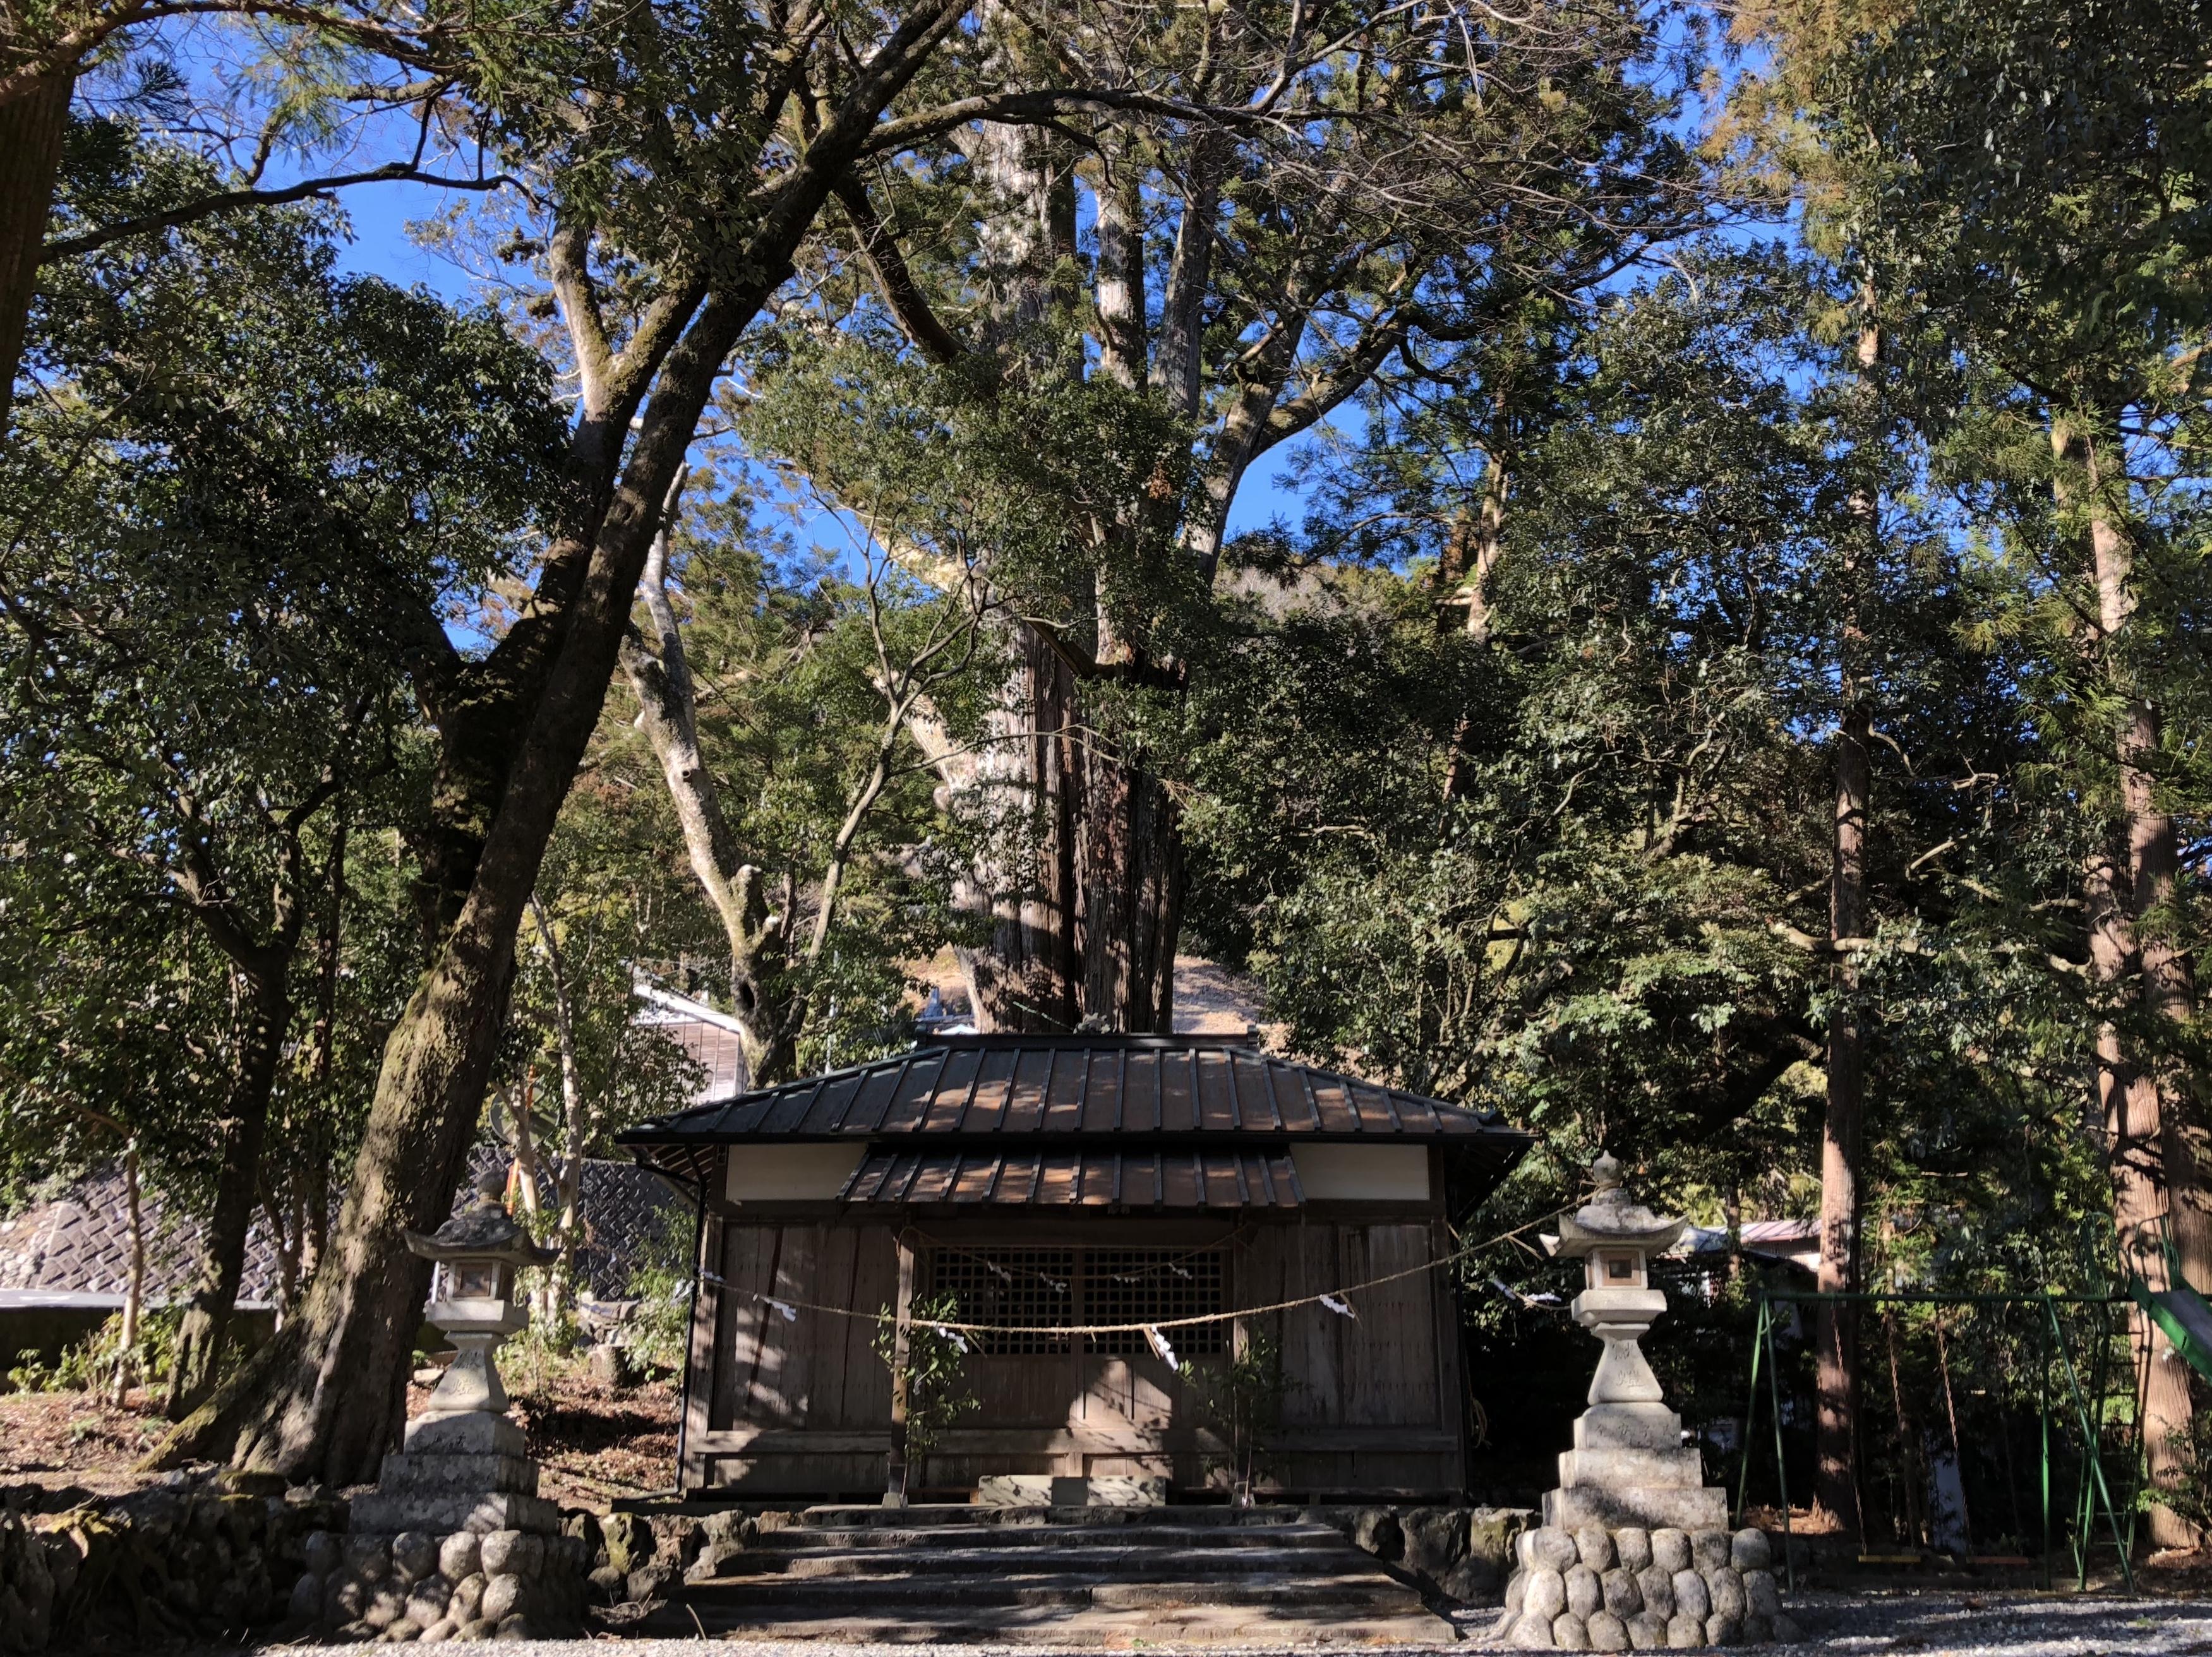 武速神社 将軍スギ 浜松 巨木 パワースポット